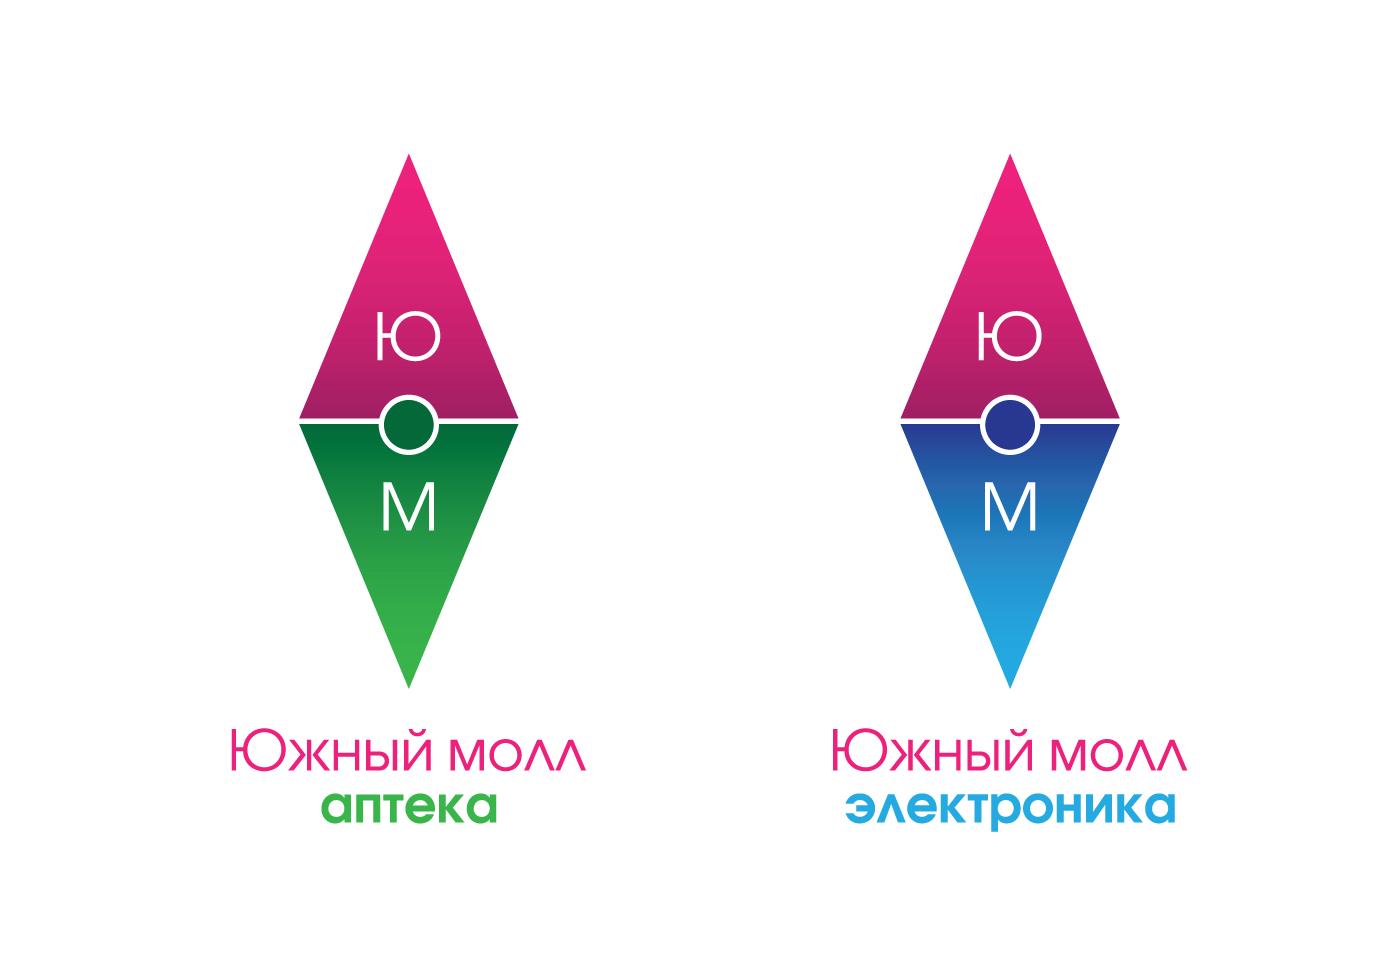 Разработка логотипа фото f_4db1a71b9055e.jpg